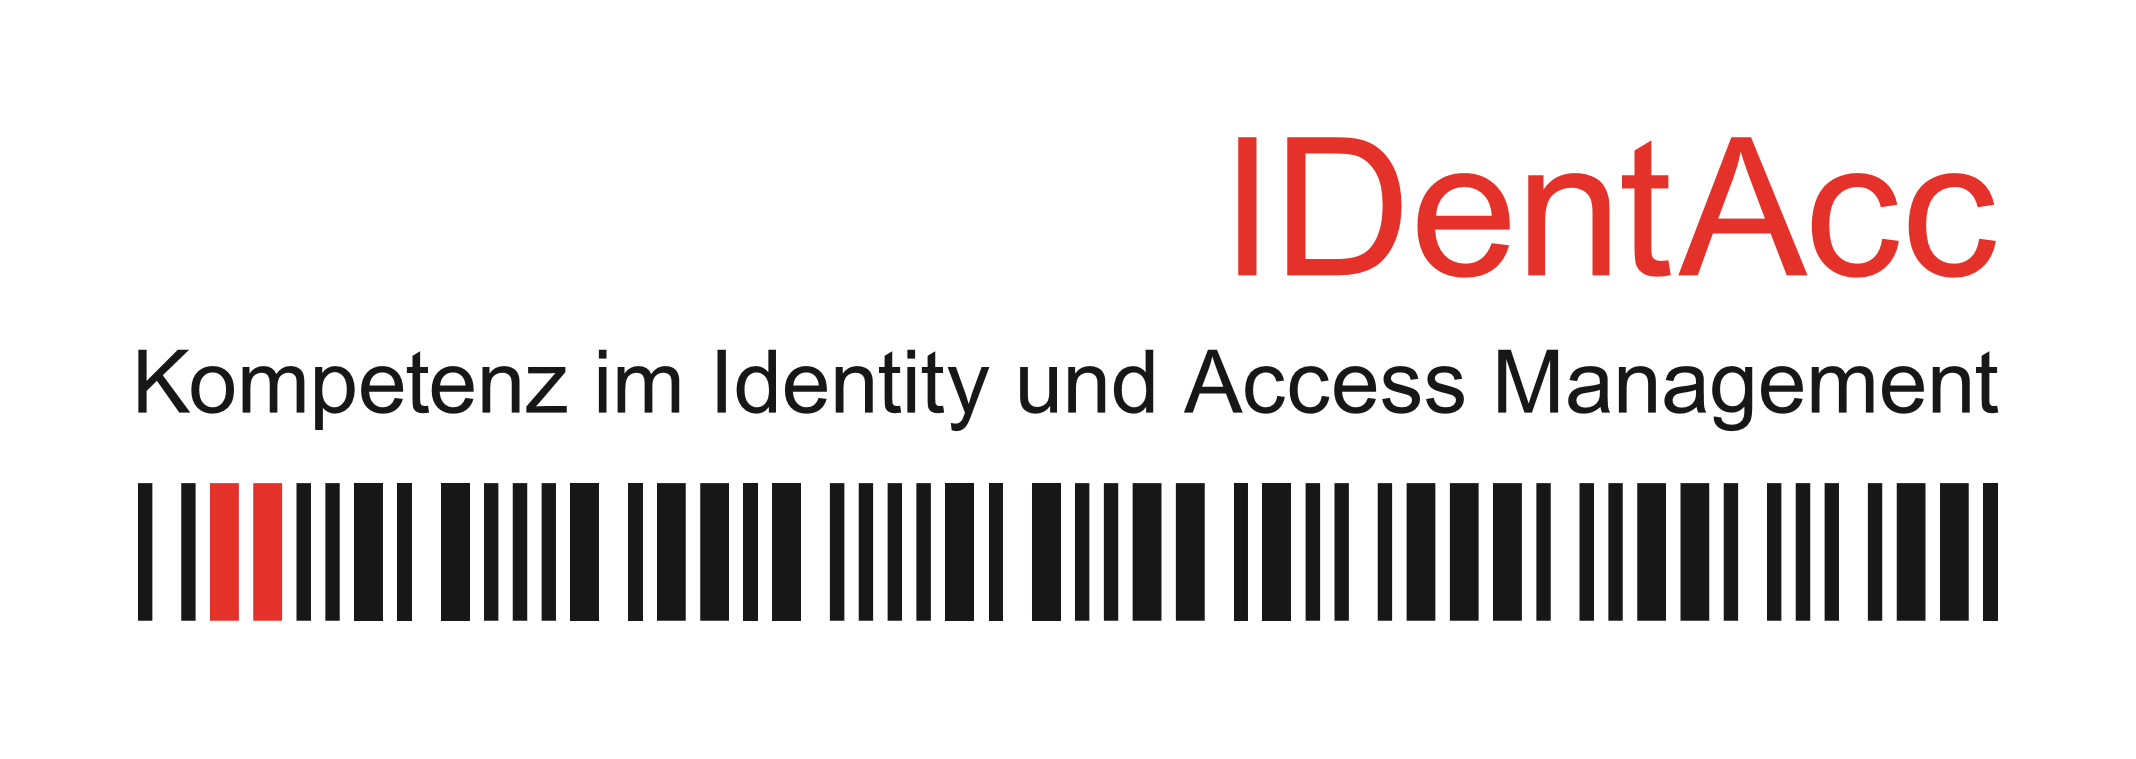 identacc kompetenz im identity und access management. Black Bedroom Furniture Sets. Home Design Ideas